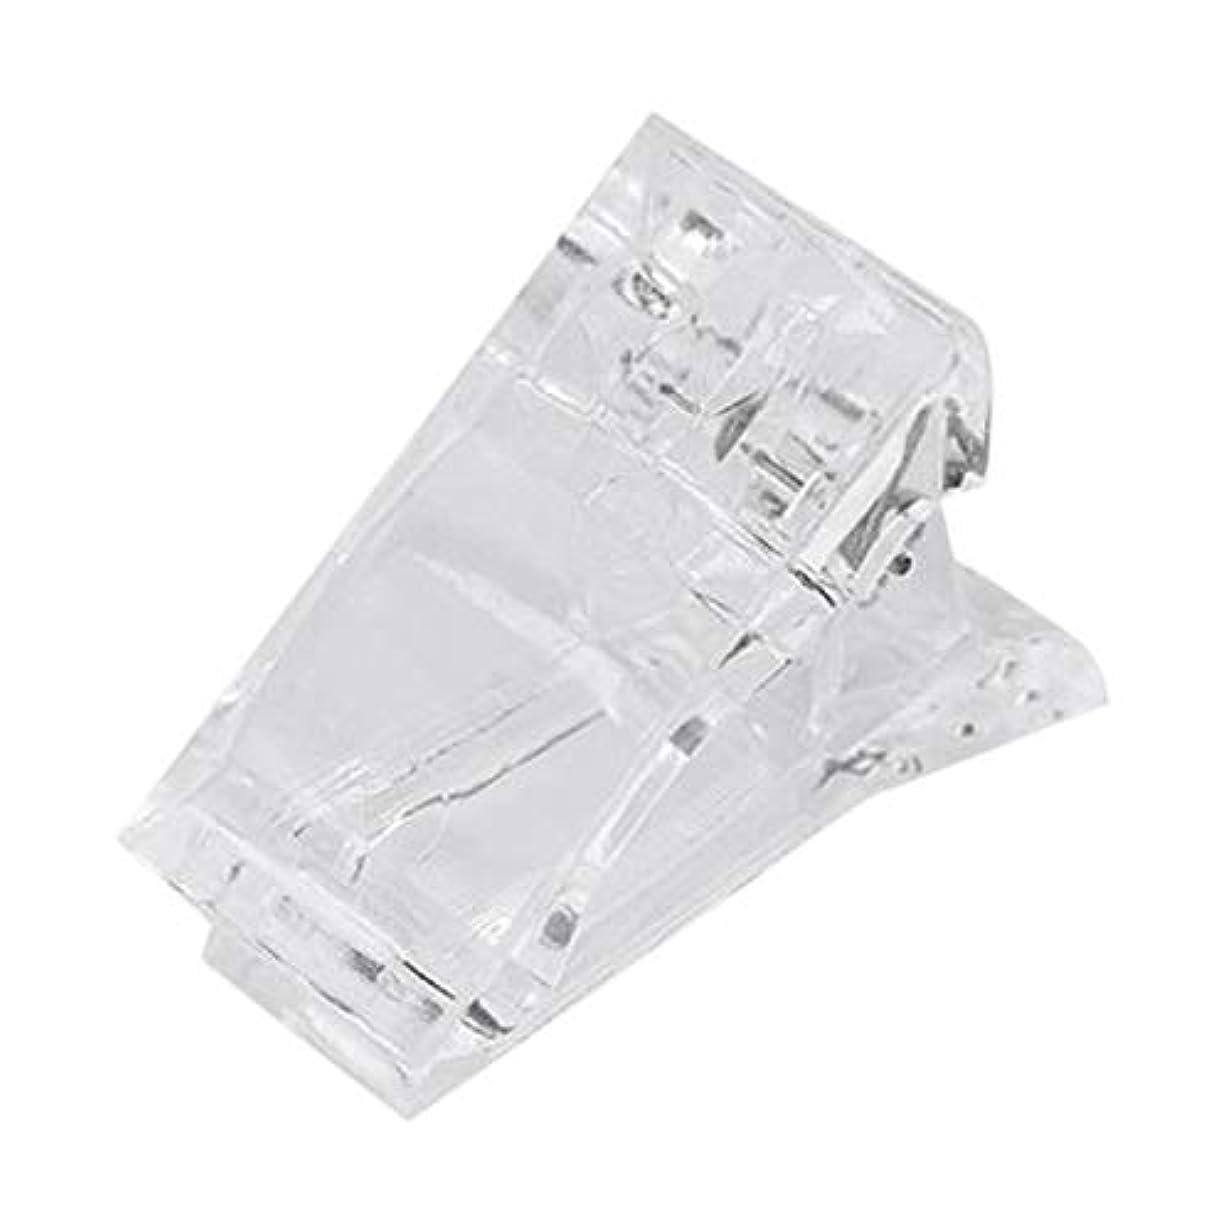 溶融十代八百屋さんTOOGOO ネイルのクリップ 透明指ポリクイック ビルディングジェルエクステンション ネイルアート マニキュアツール アクセサリー 偽ネイル